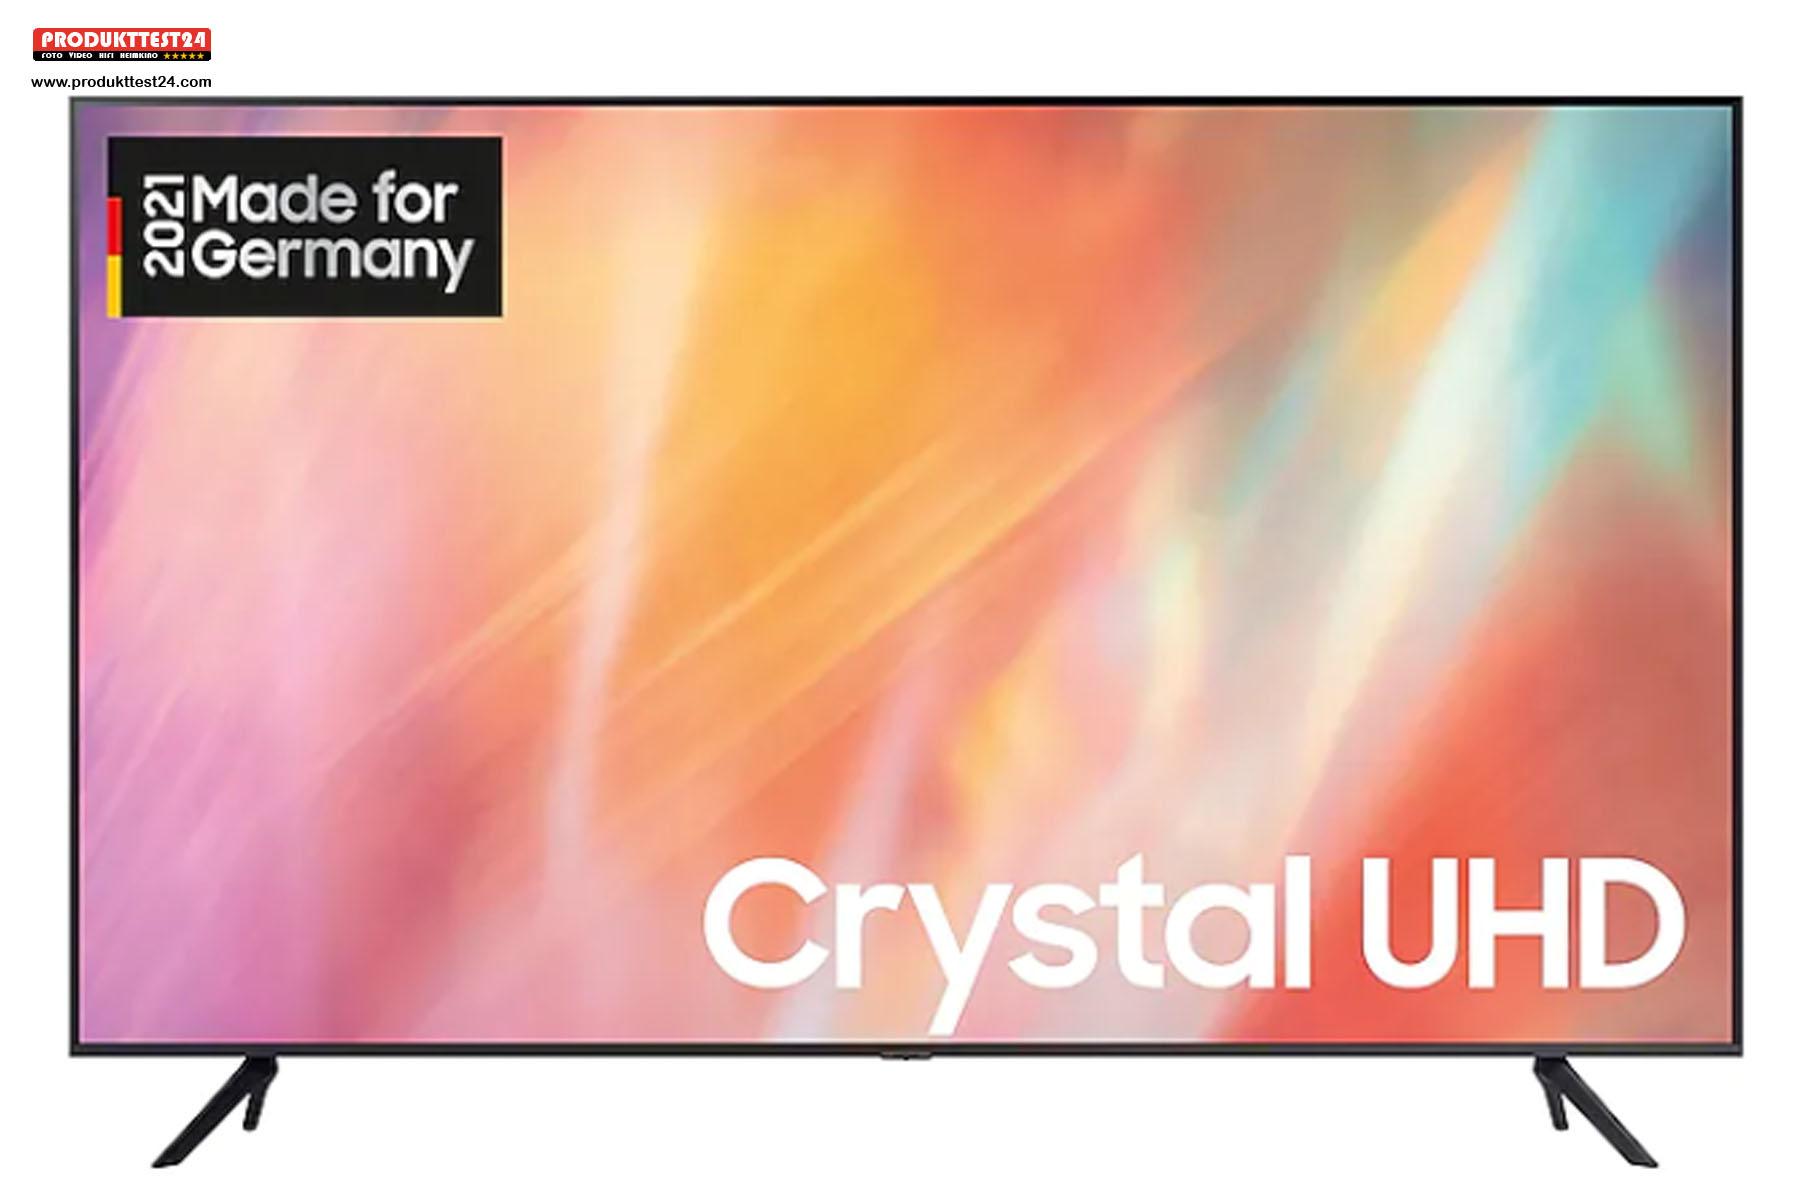 Samsung GU587179 Crystal UHD 4K-Fernseher